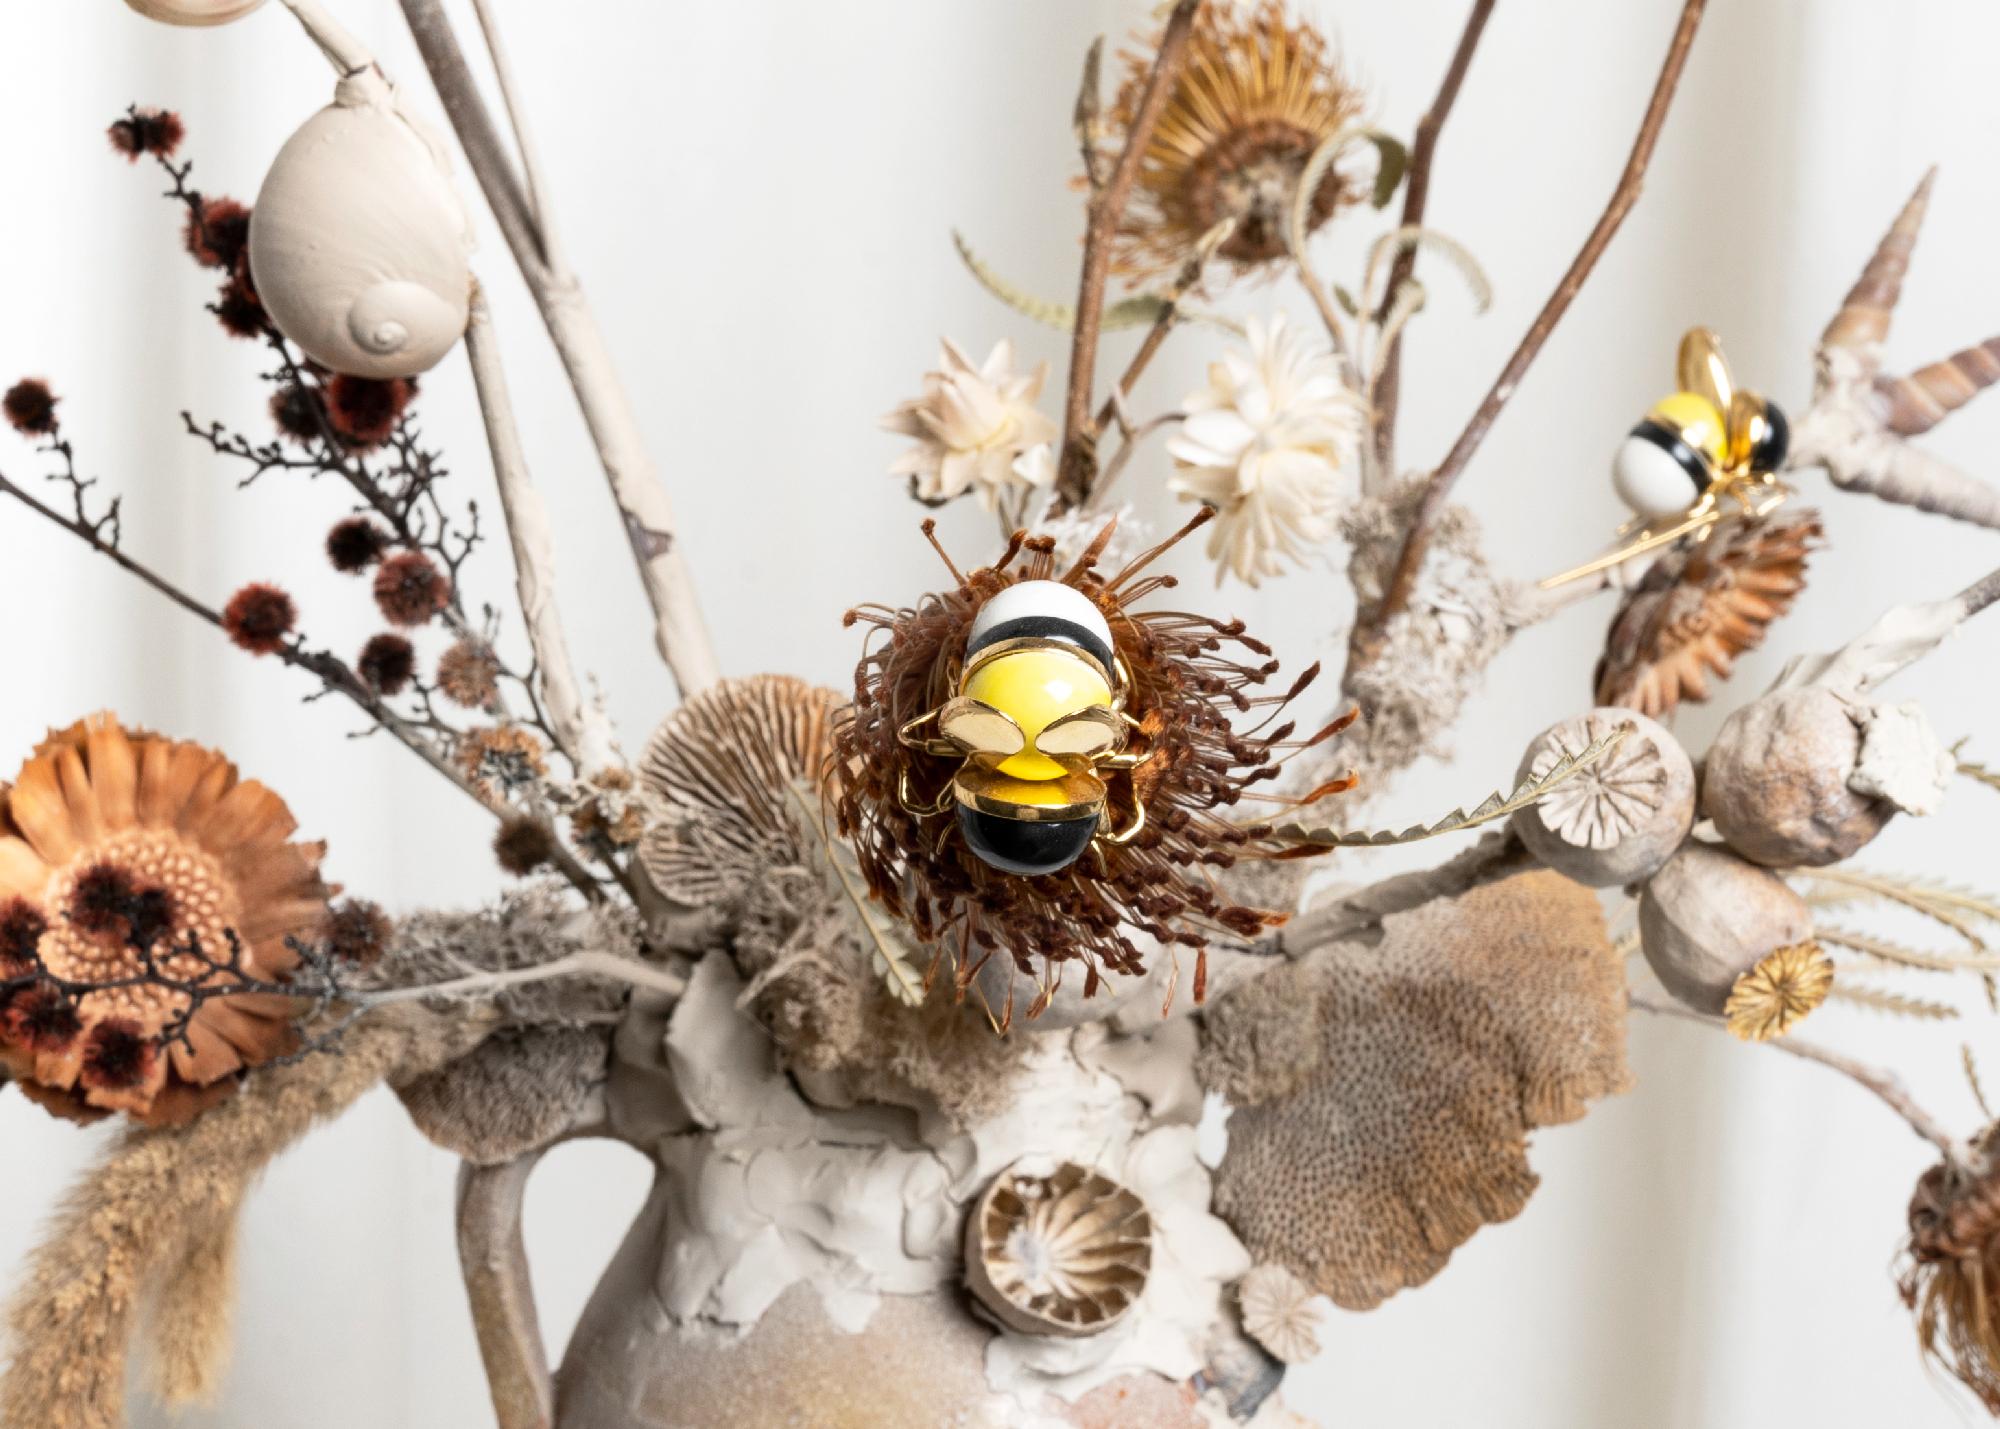 CaballeroCosmica-AndresGallardo-flores2-3-W.jpg